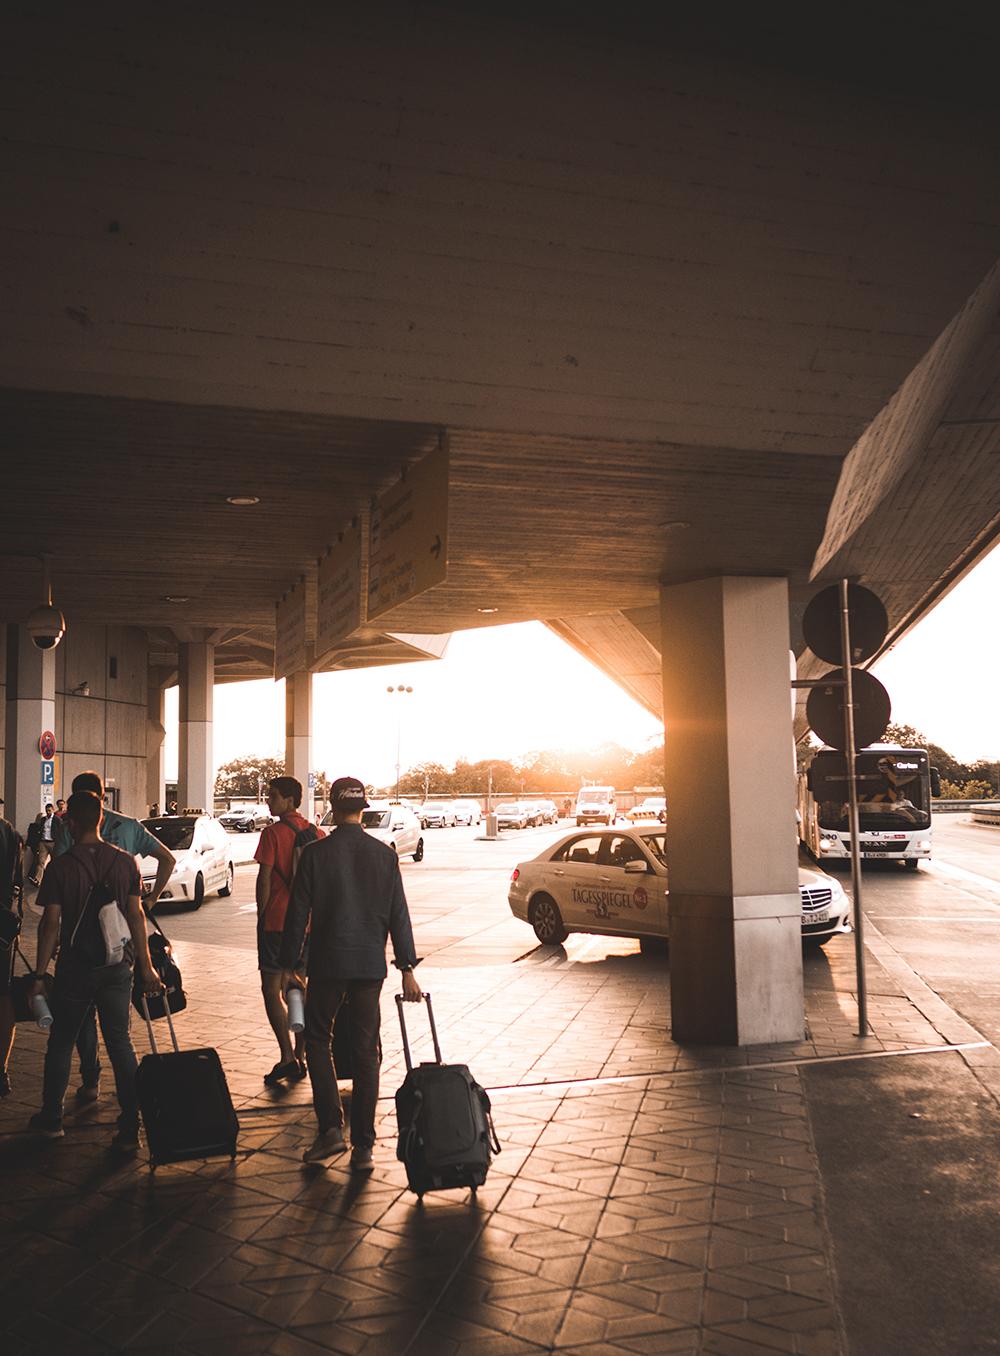 luchthavenvervoer citytrip